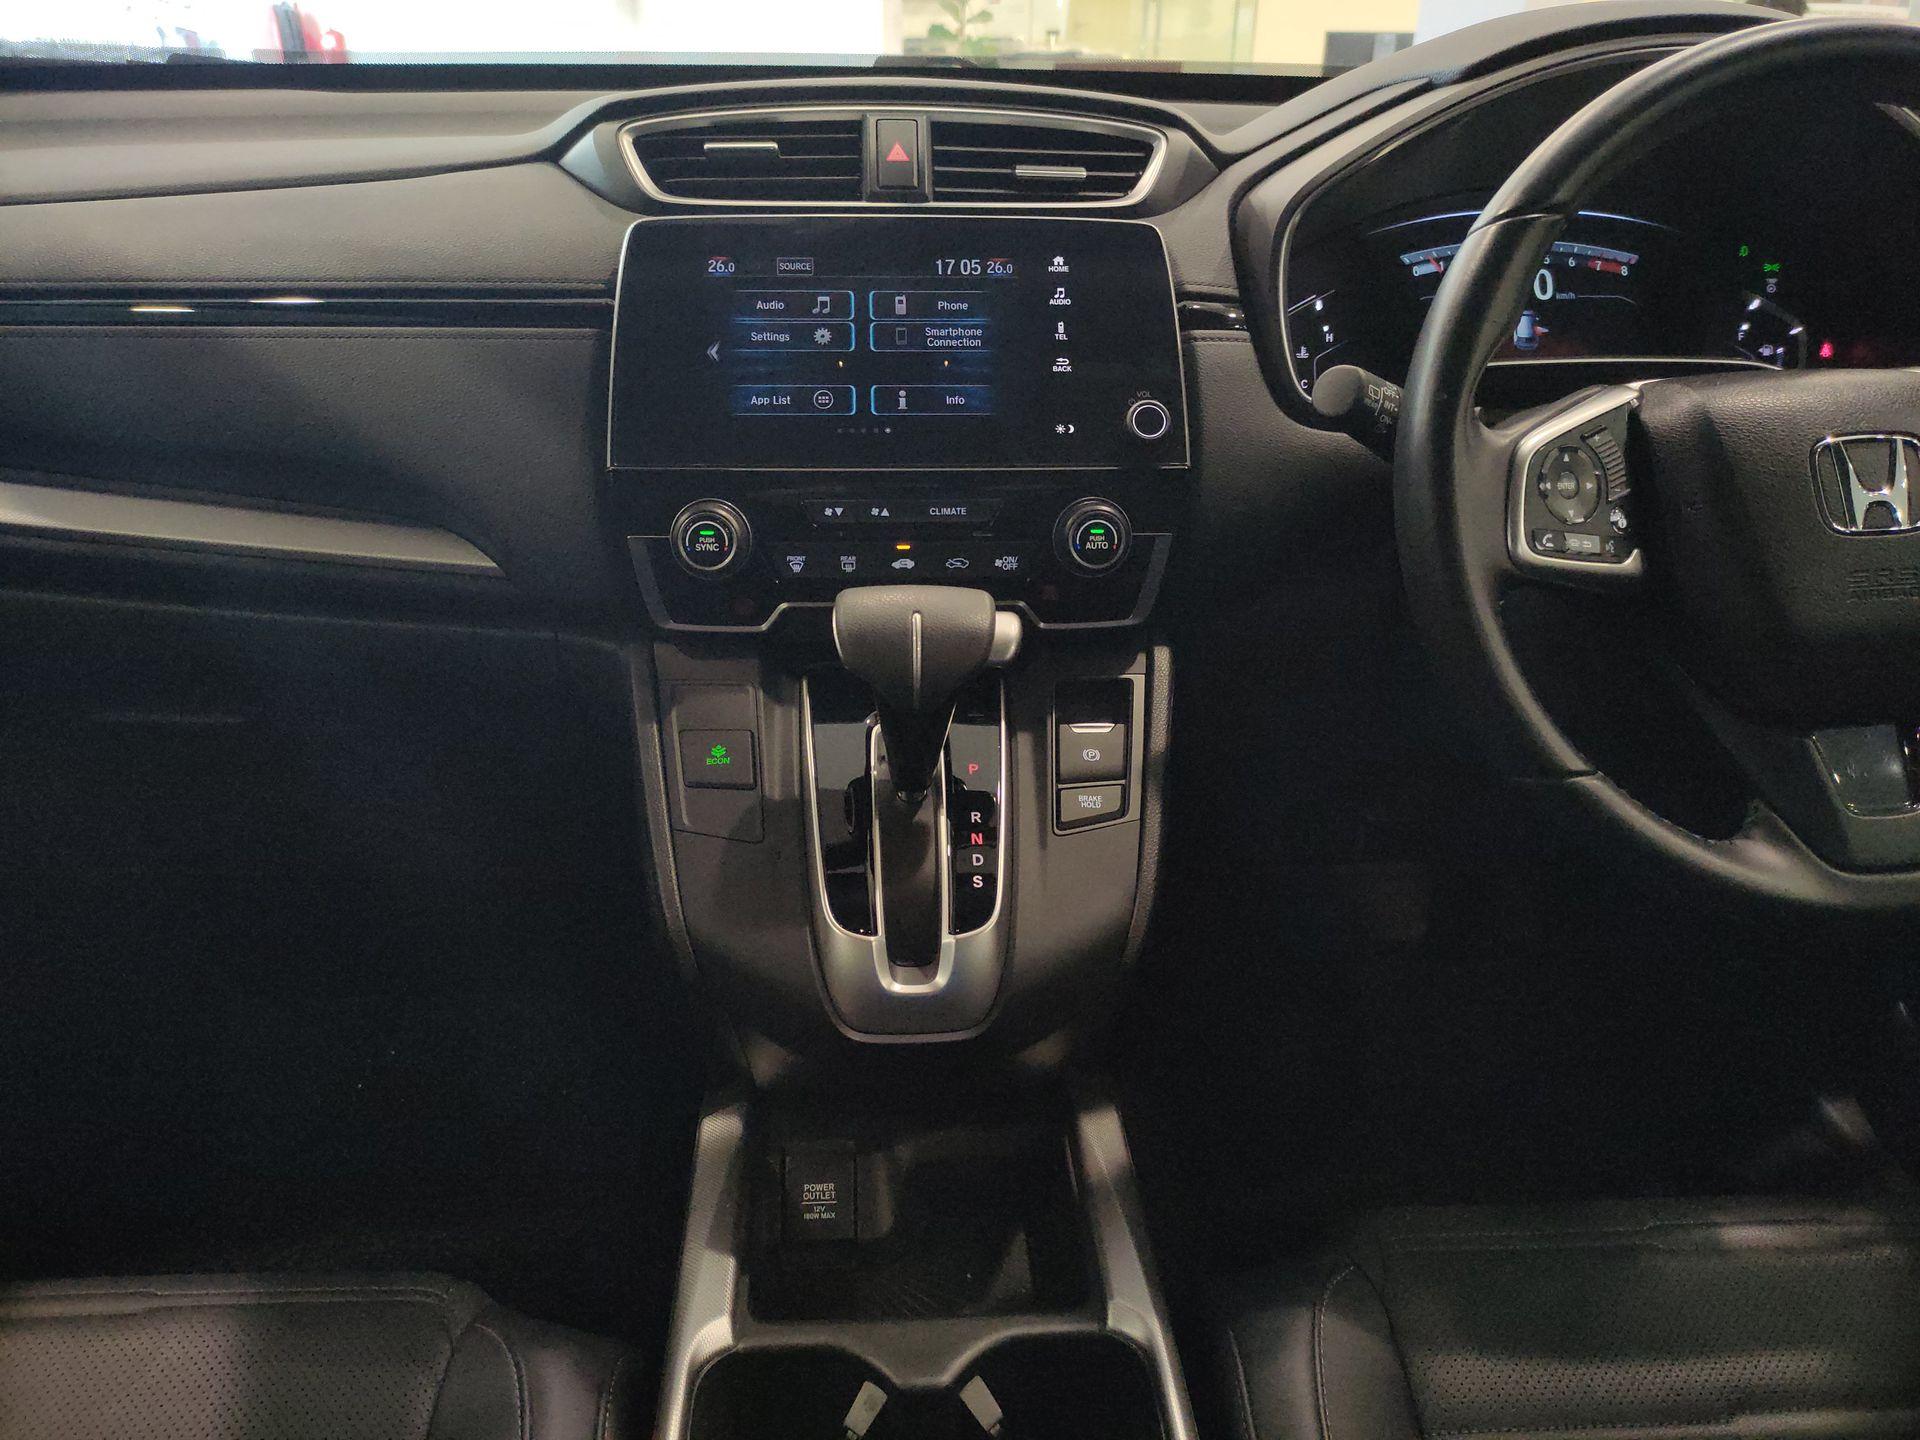 2018 Honda CR-V 2.0L I-Vtec (A)